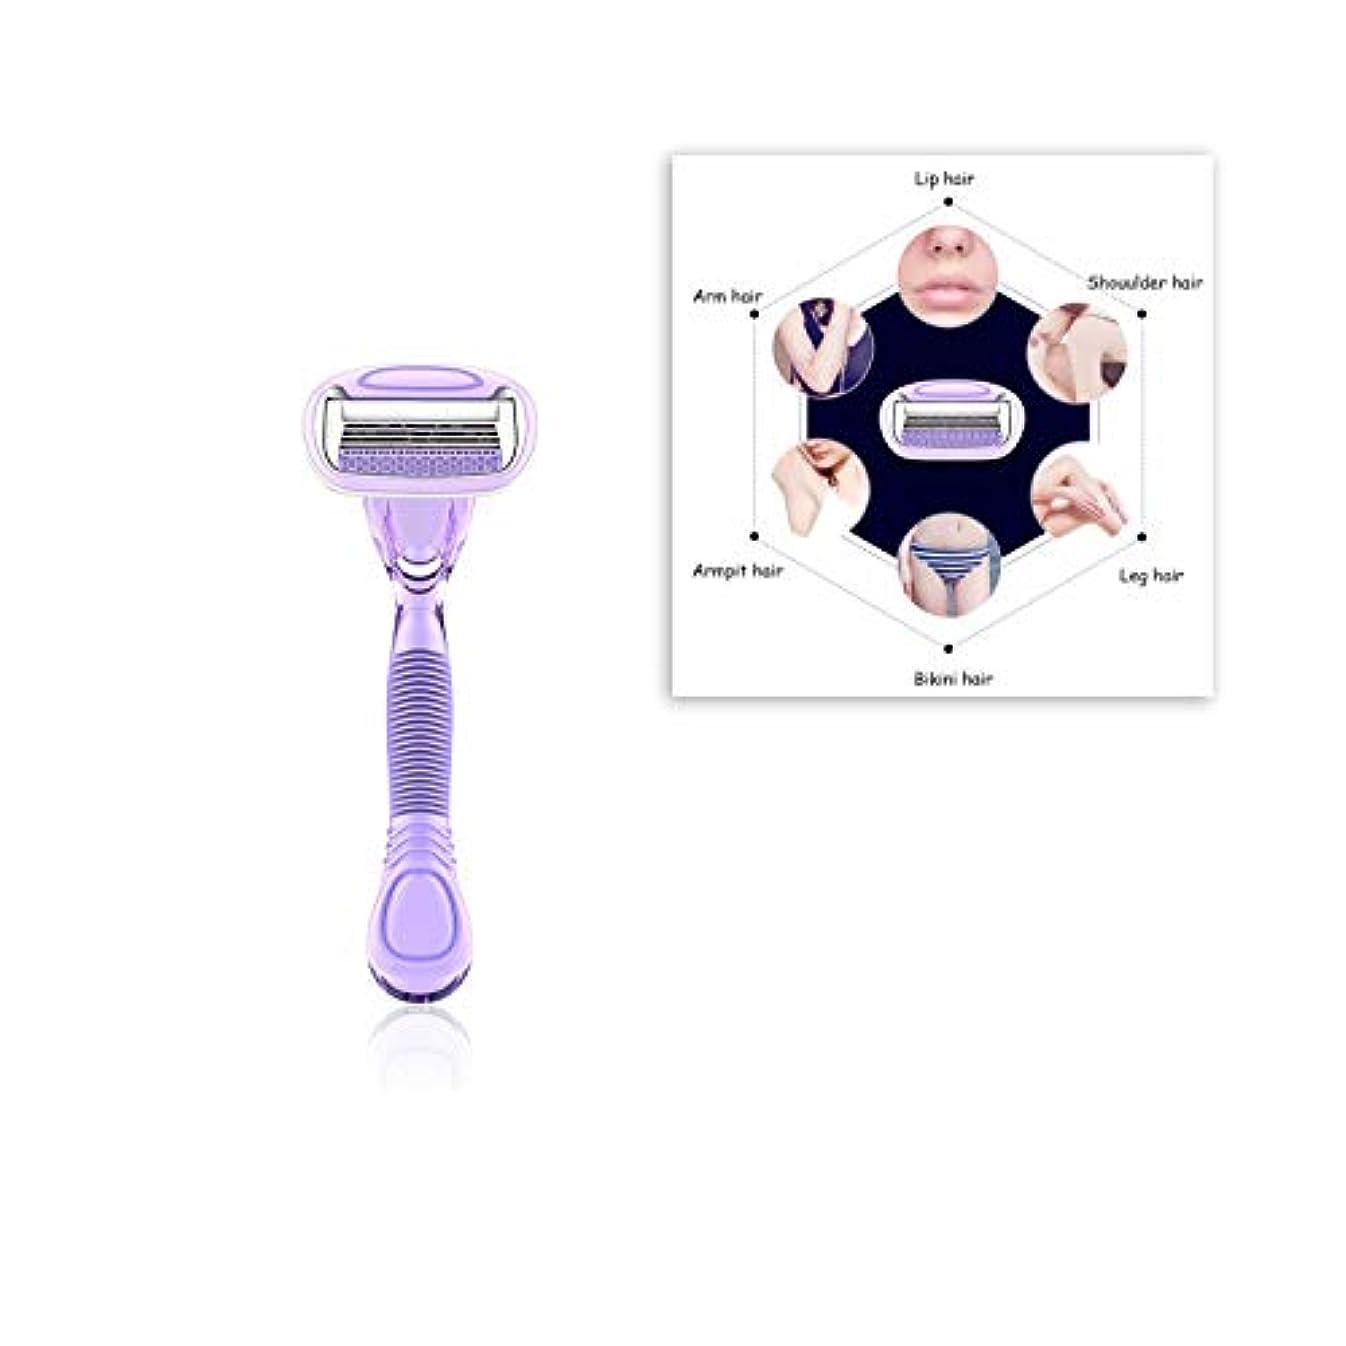 入射メニュー気絶させる脱毛器 - 手動脱毛器、かみそり、体、顔、ビキニ、脇の下のための女性の無痛脱毛剤